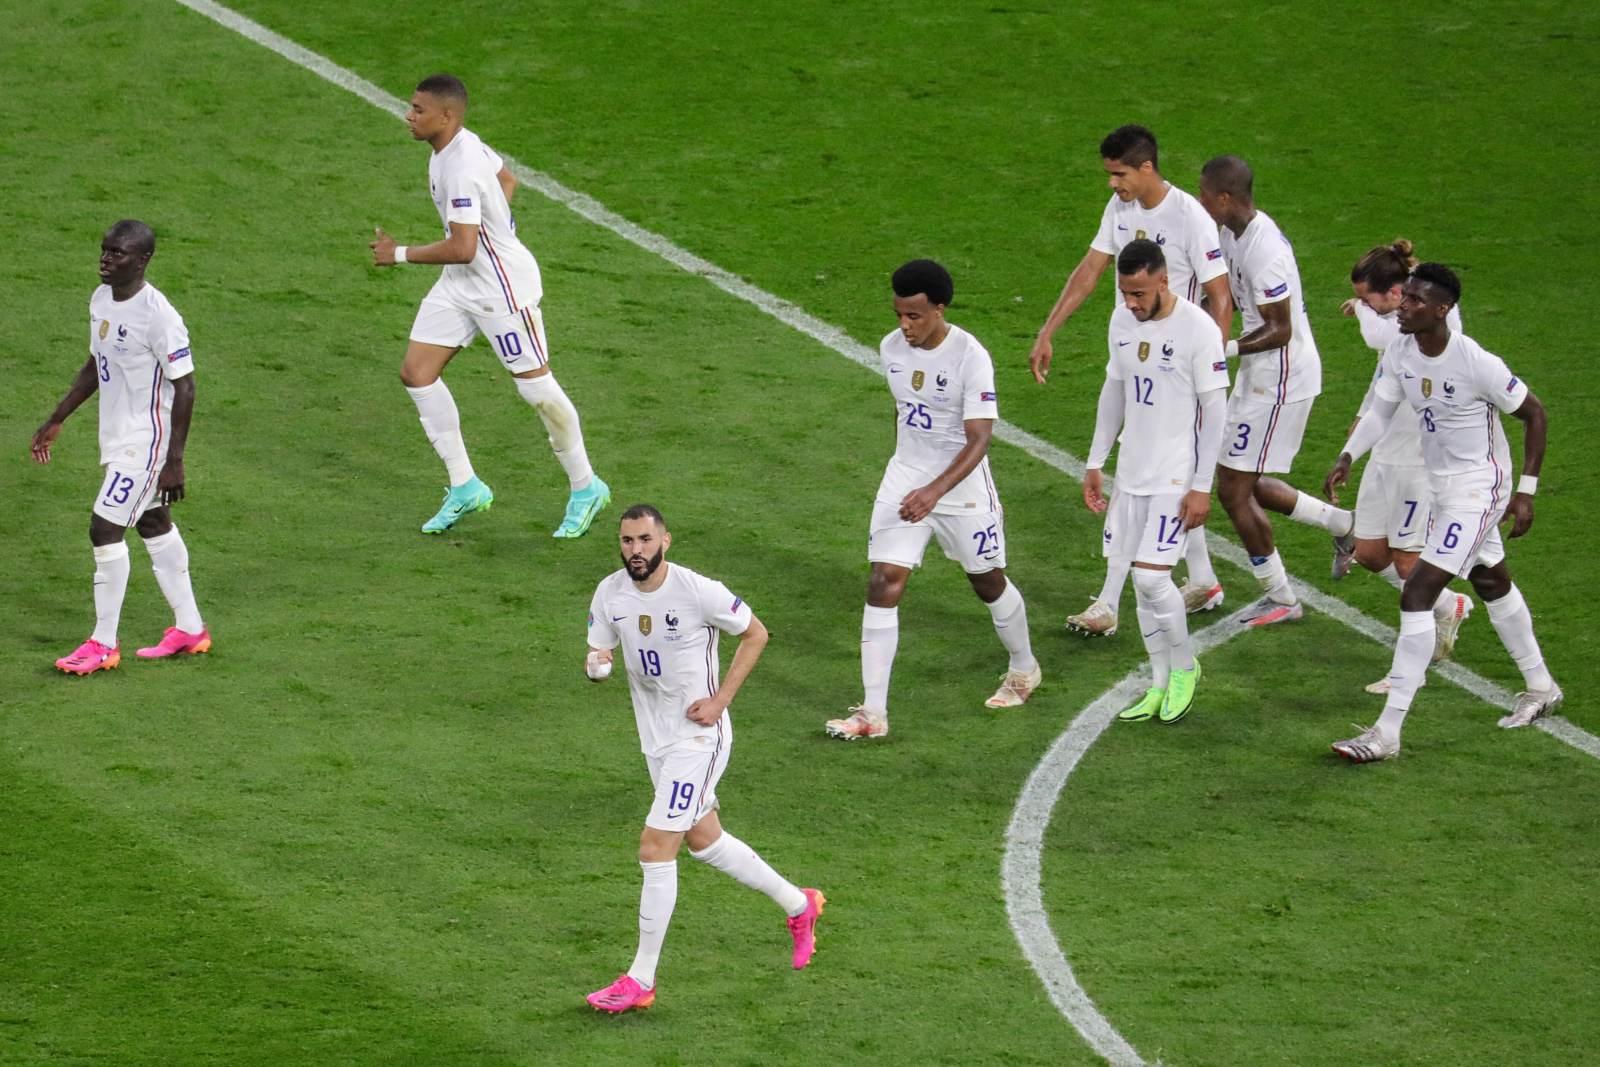 Испания - Франция - 1:2 (закончен)